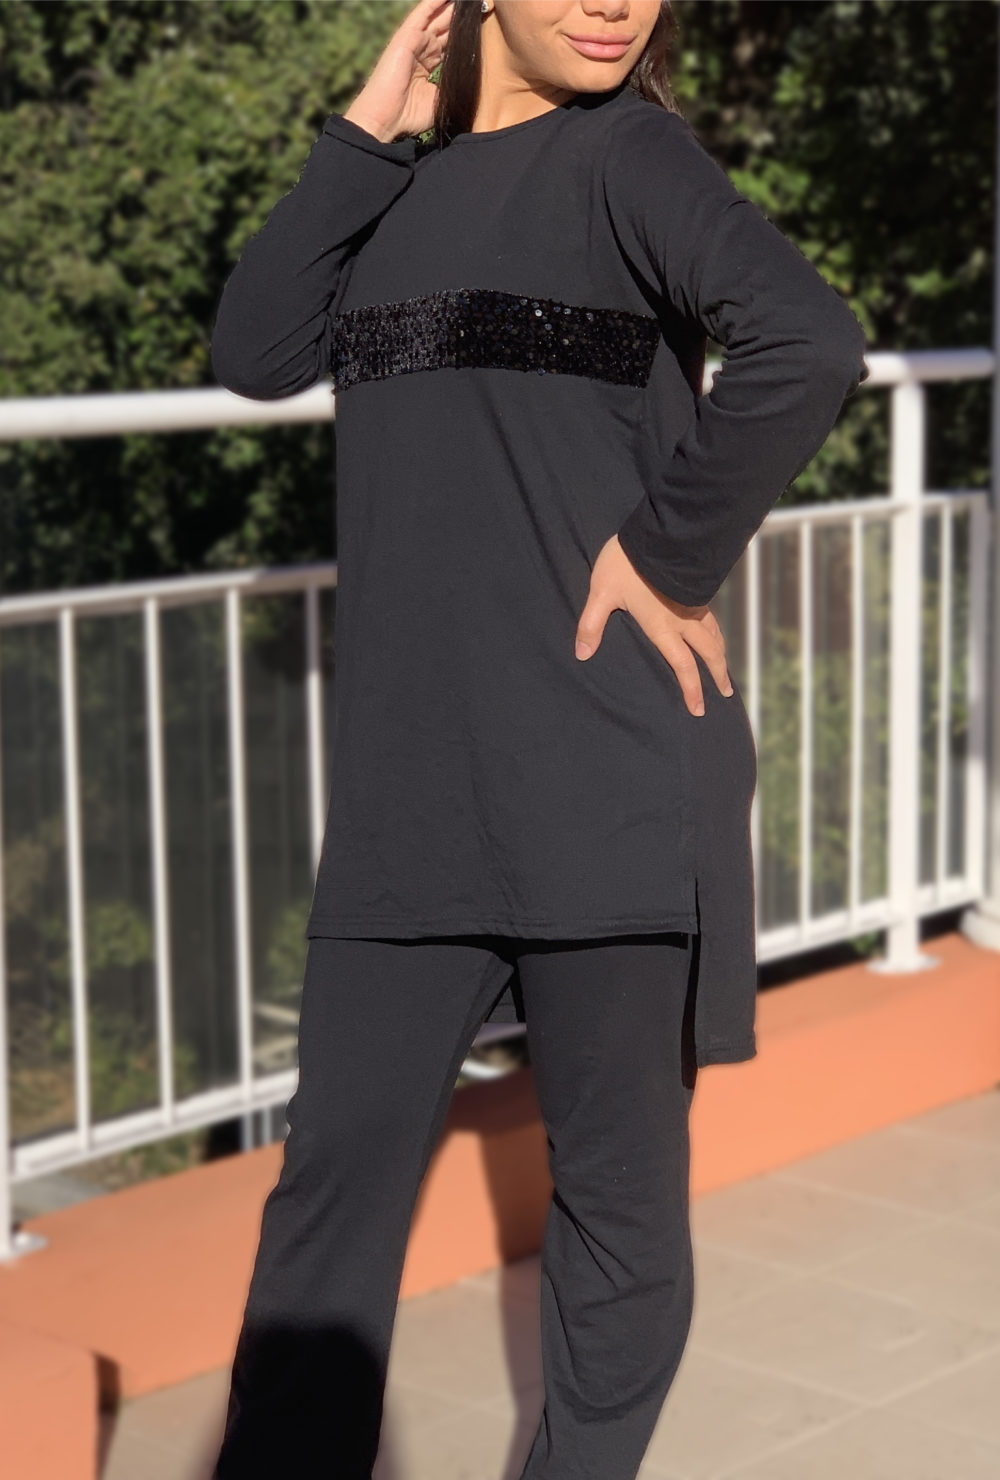 Ensemble sportwear noir